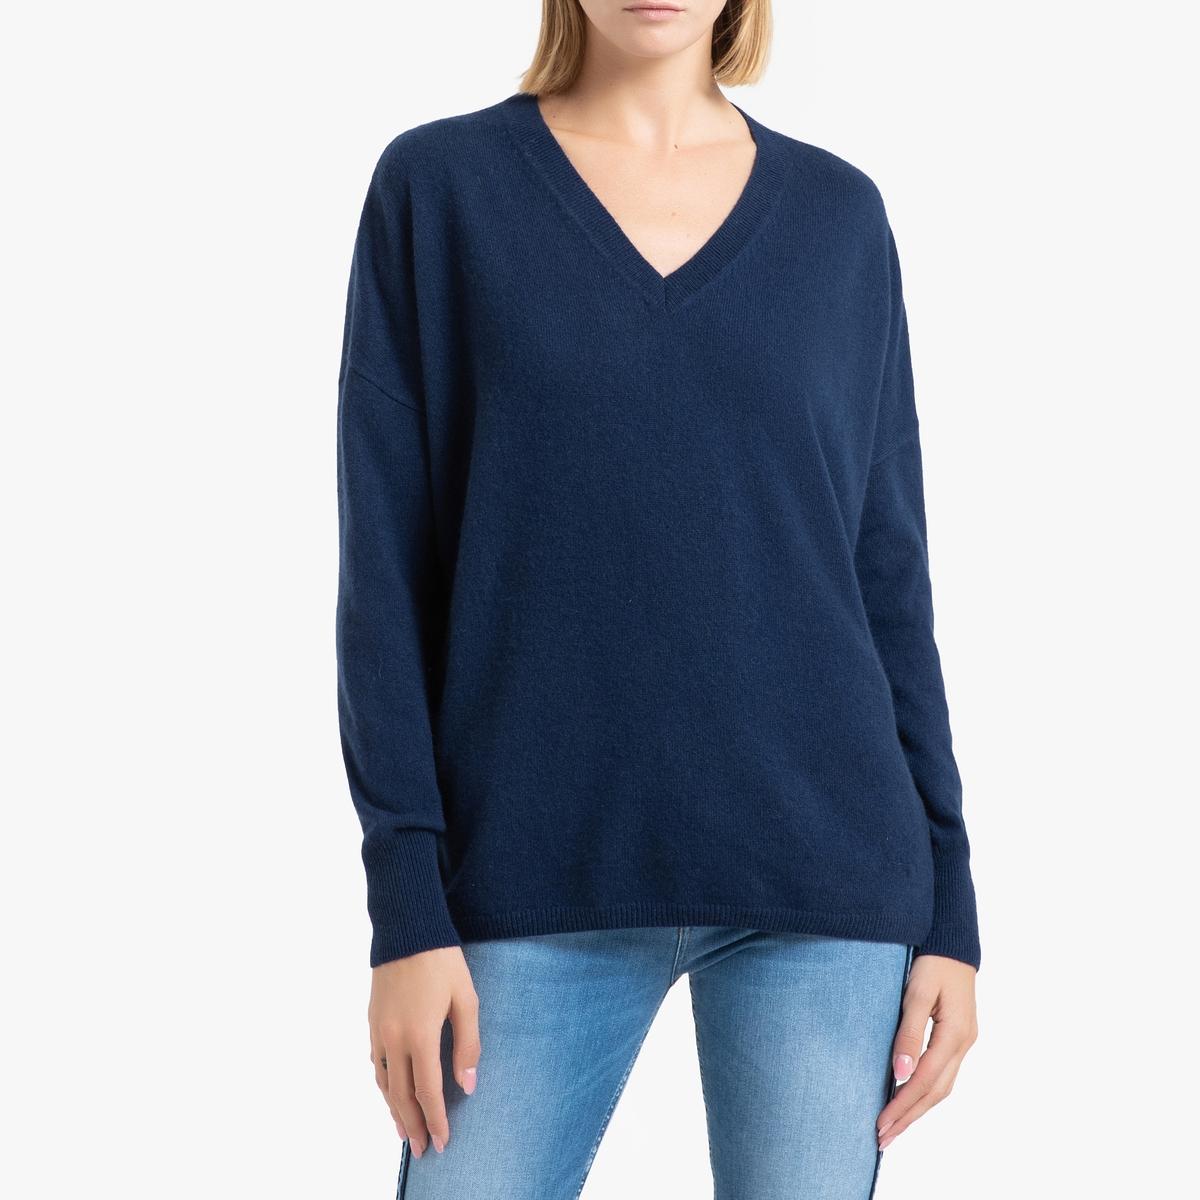 цена Пуловер La Redoute Из кашемира с v-образным вырезом из тонкого трикотажа ALIX 1(S) синий онлайн в 2017 году